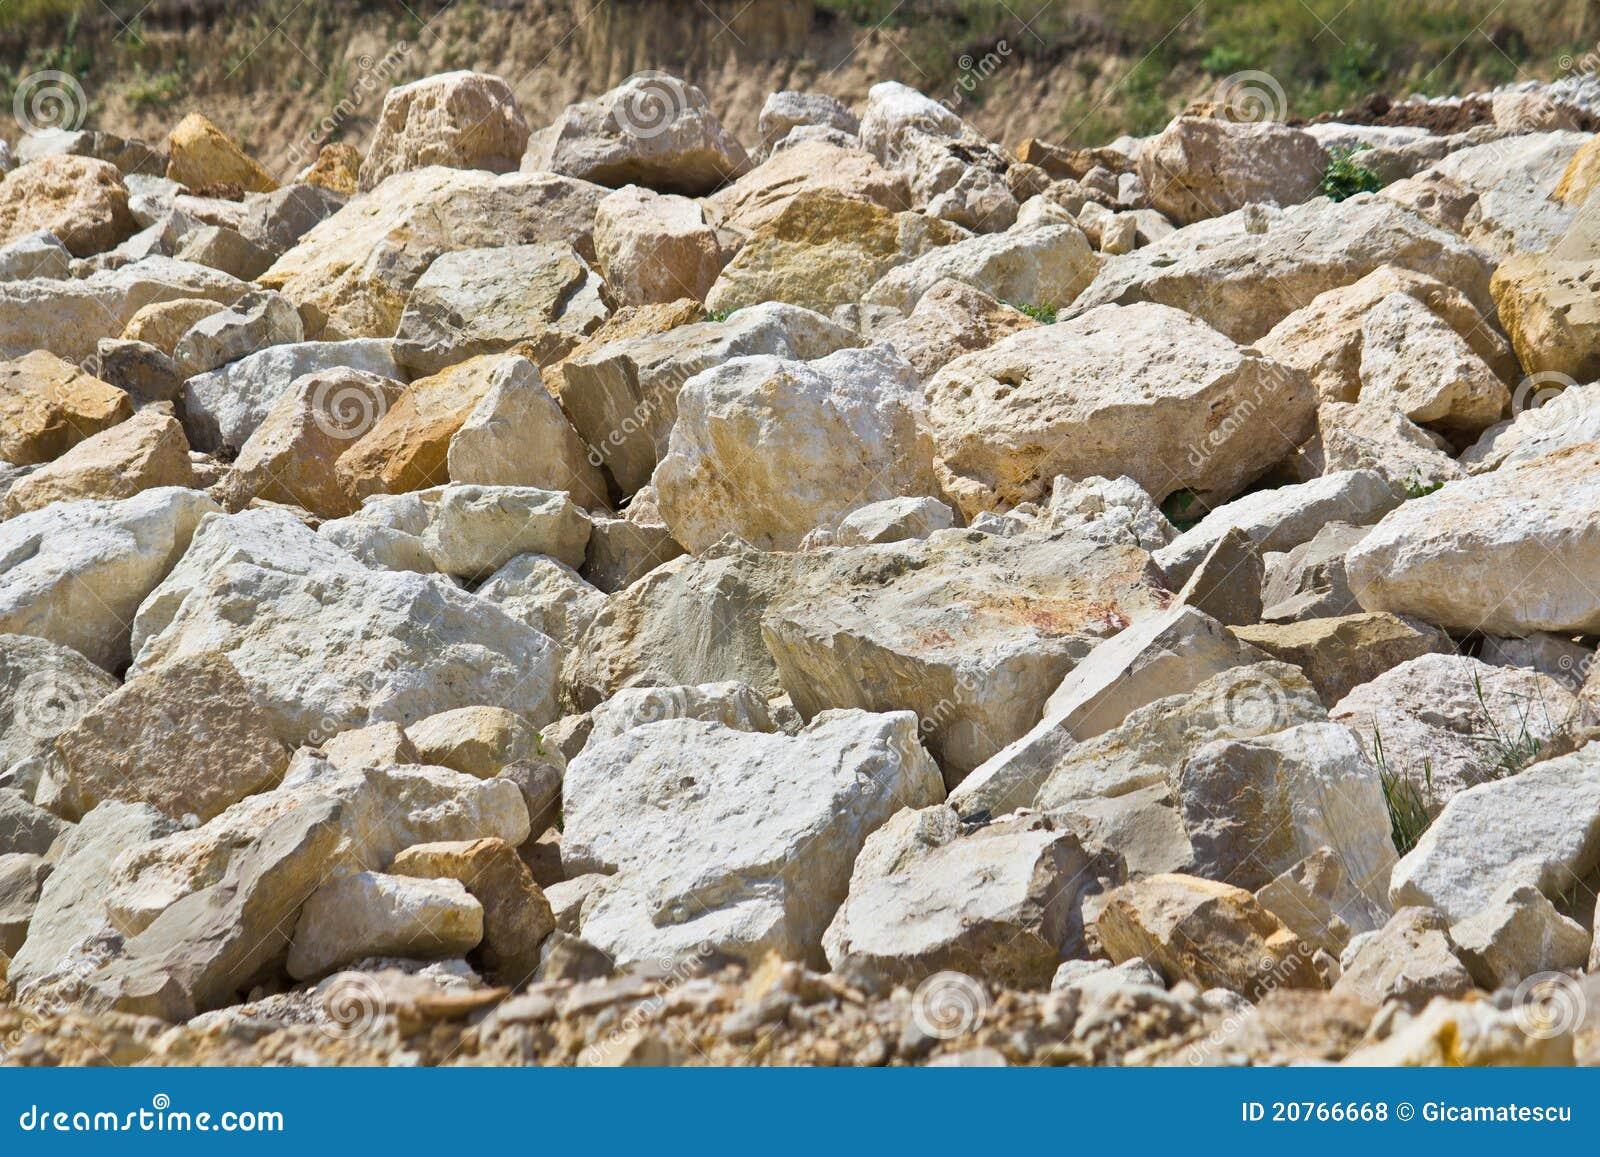 Cantos rodados de la piedra caliza foto de archivo imagen de boulders geol gico 20766668 - Piedra caliza precio ...